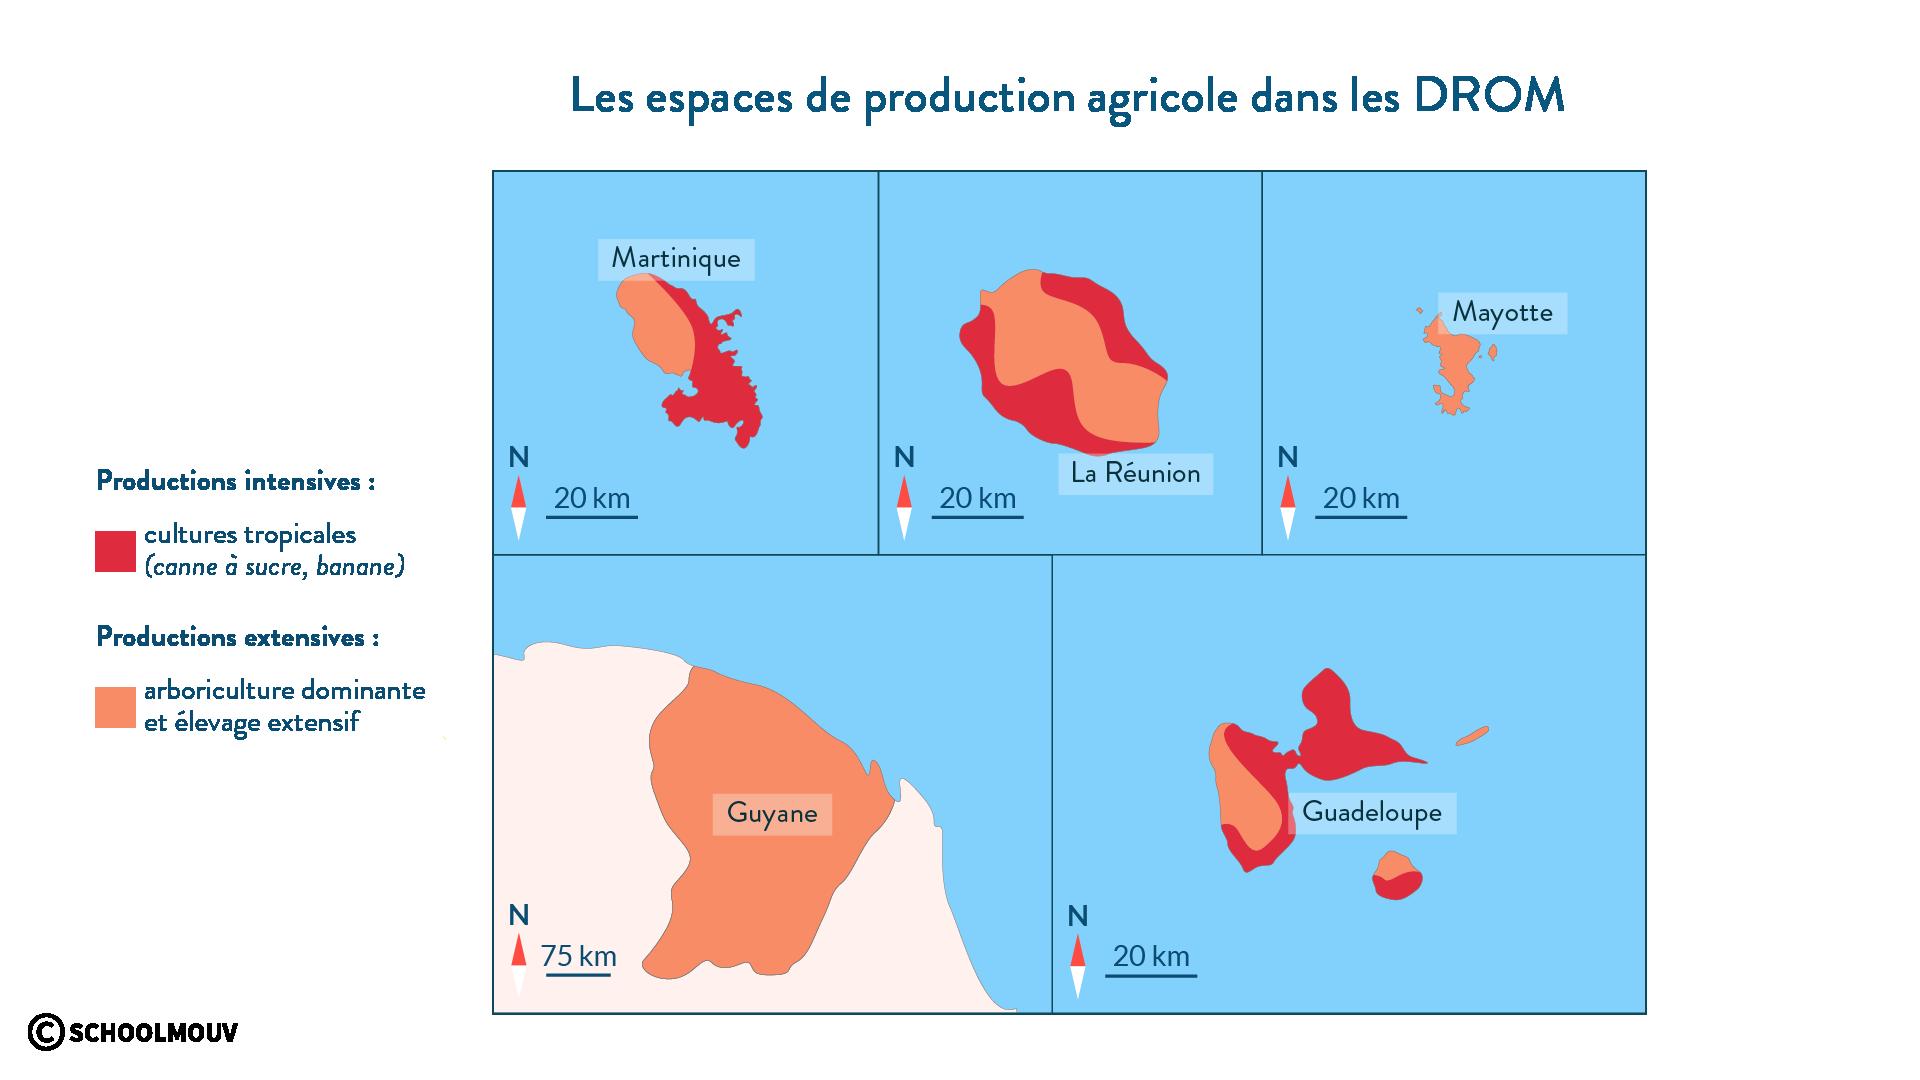 Les espaces de production agricole dans les DROM - SchoolMouv- géographie - 2de